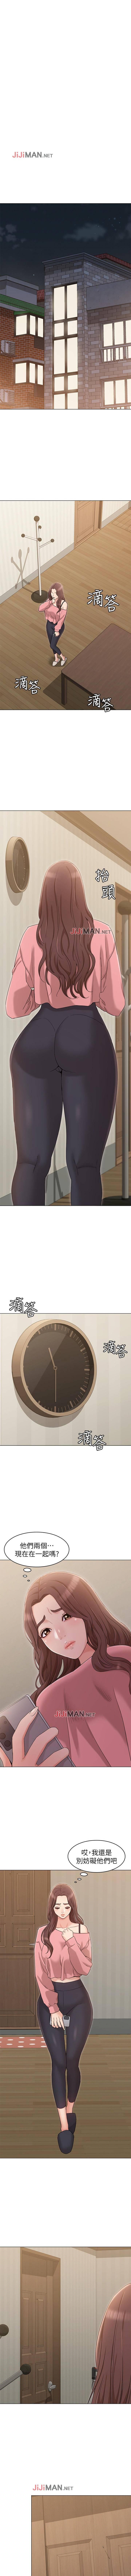 【周六连载】女友的姐姐(作者:橡果人&獵狗) 第1~23话 110